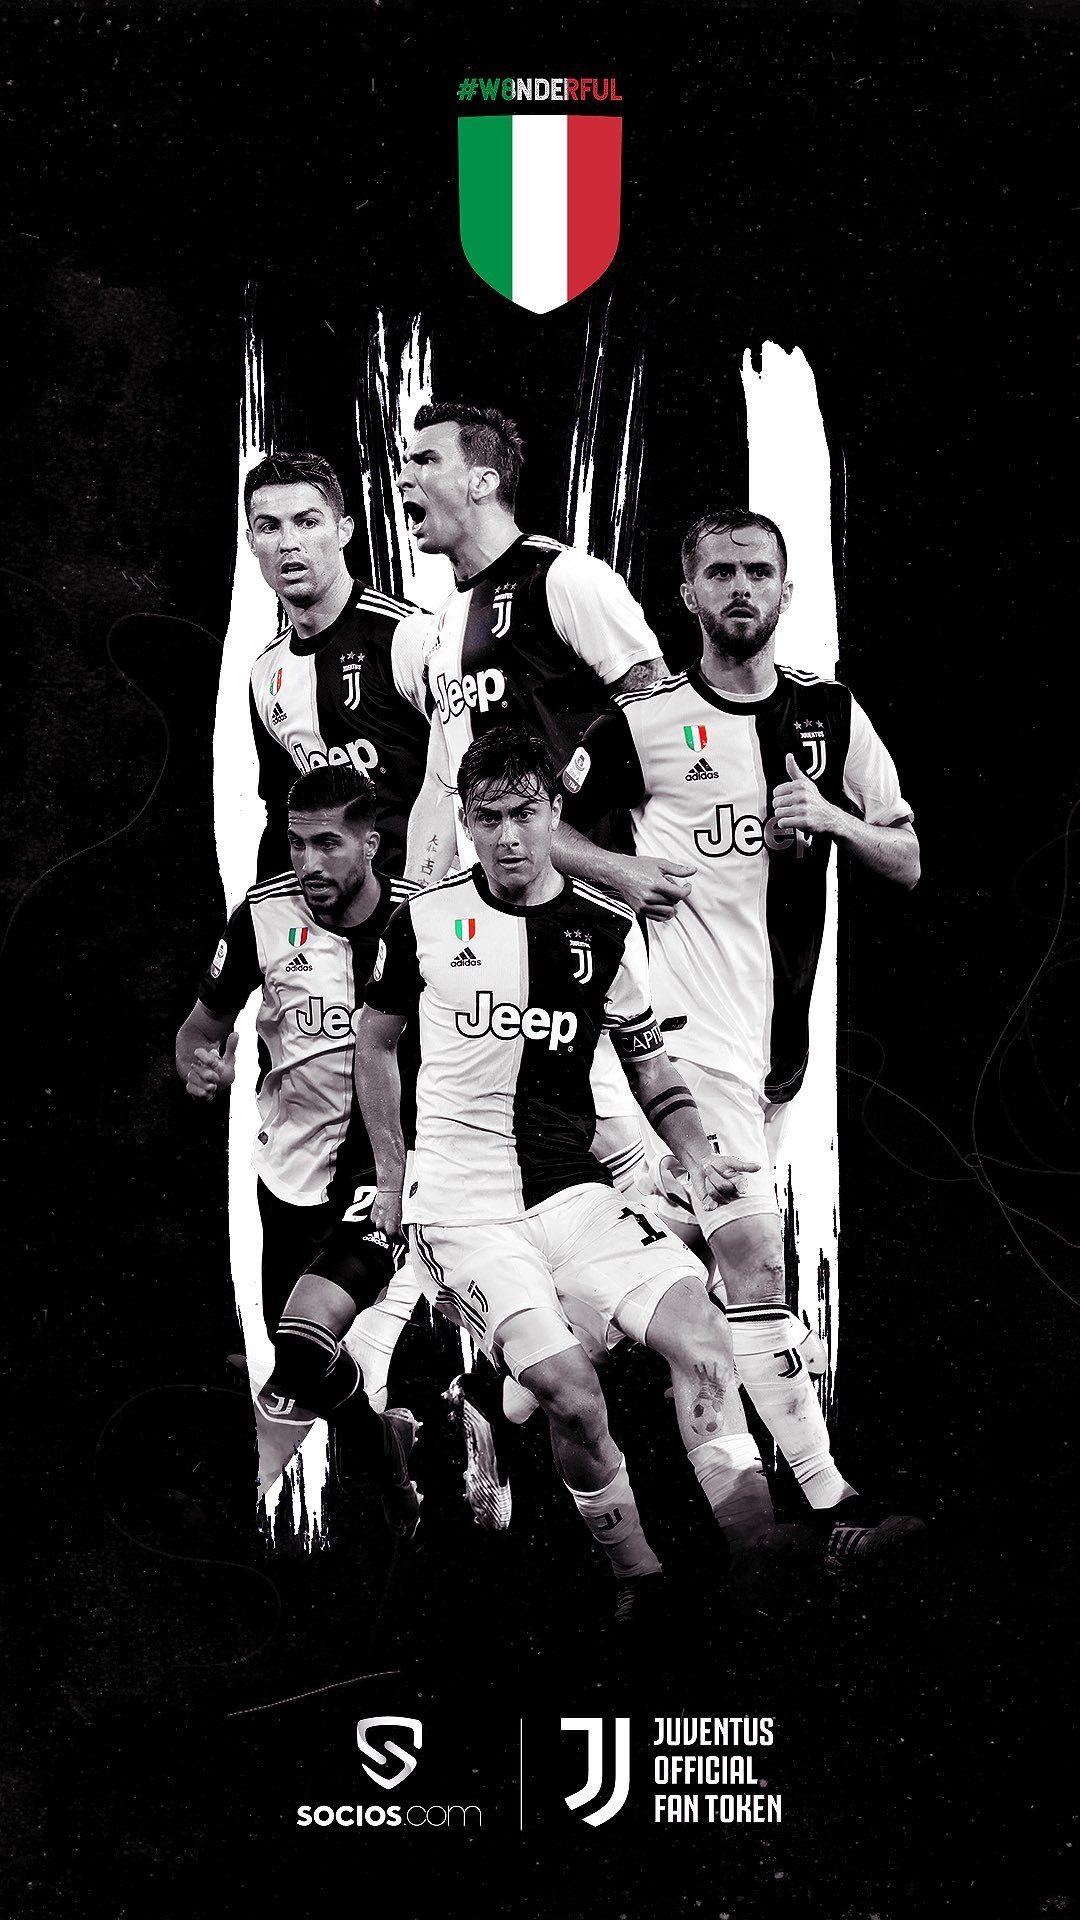 Download Sfondi Juventus Ronaldo Gif